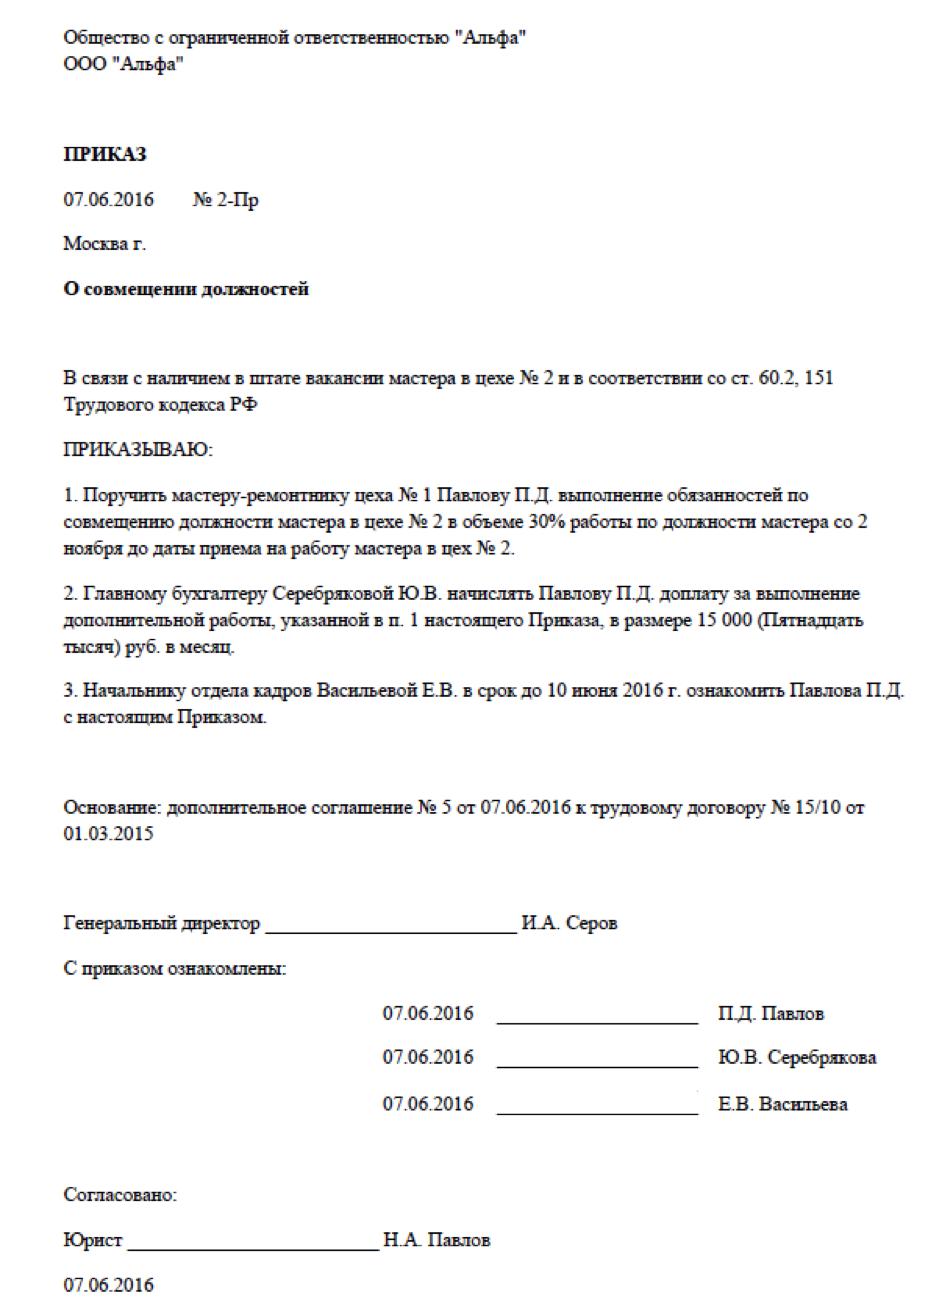 Водительская медкомиссия сроки действия справки